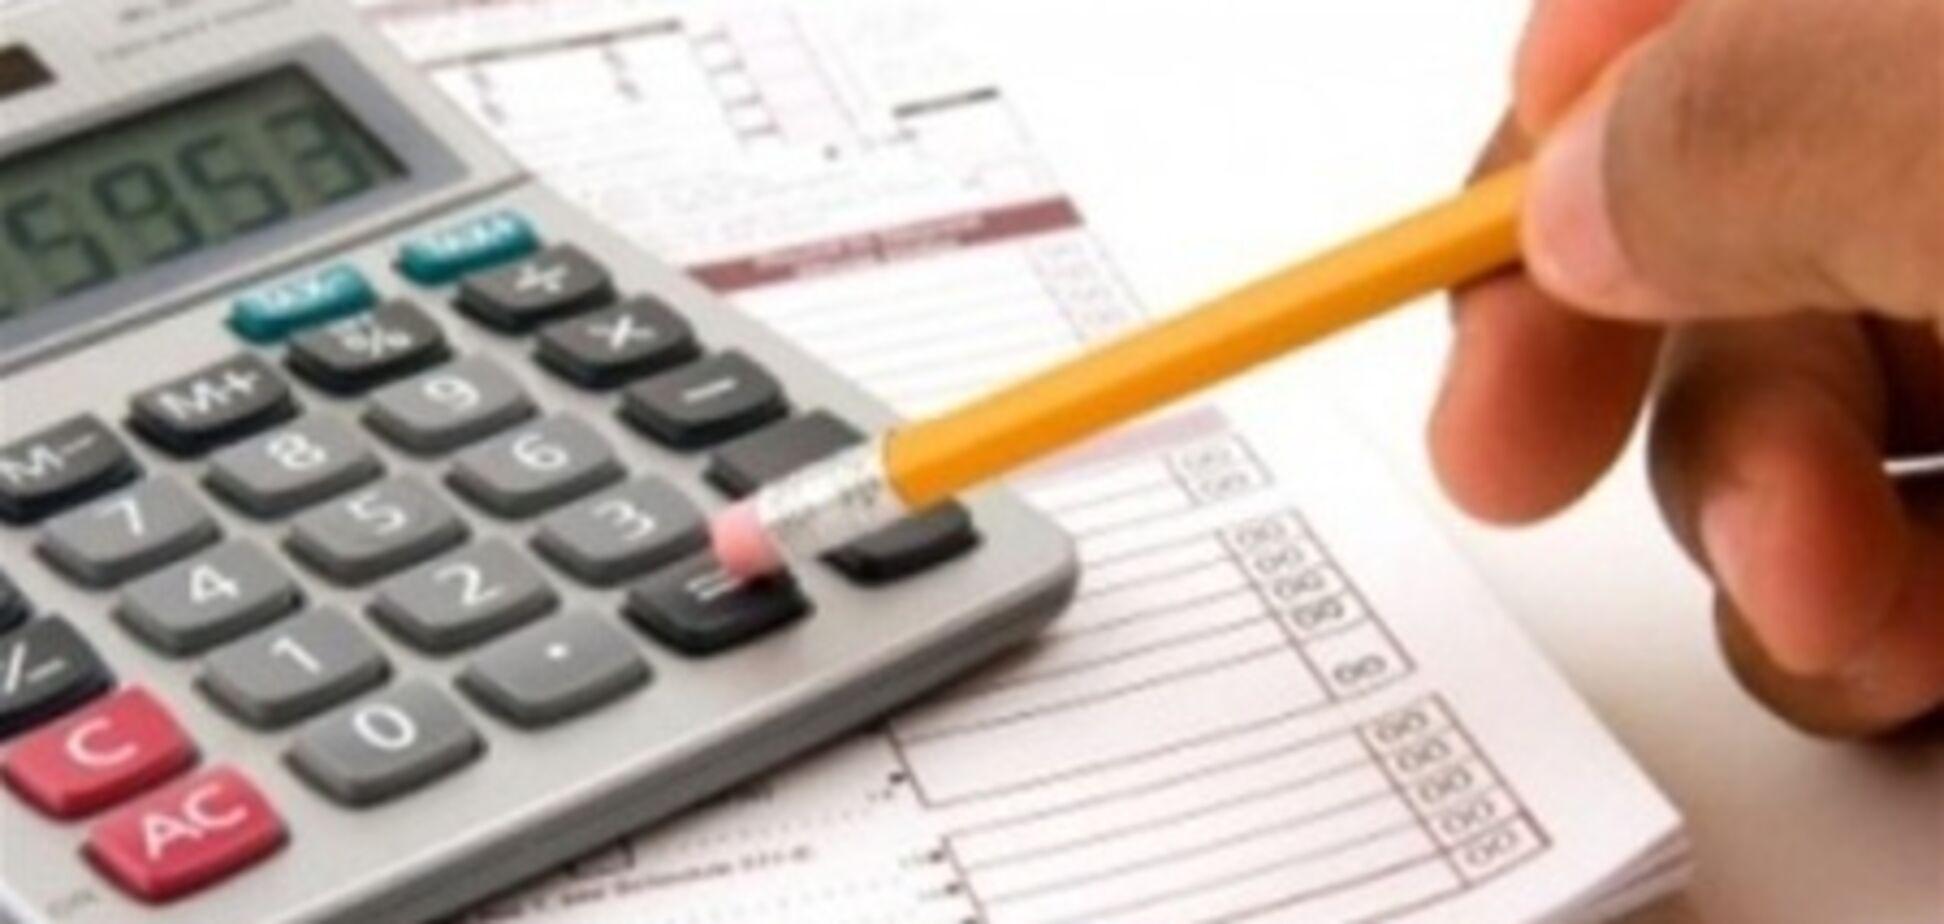 Лише 17% нардепів від ПР розкрили свої доходи - 'Чесно'